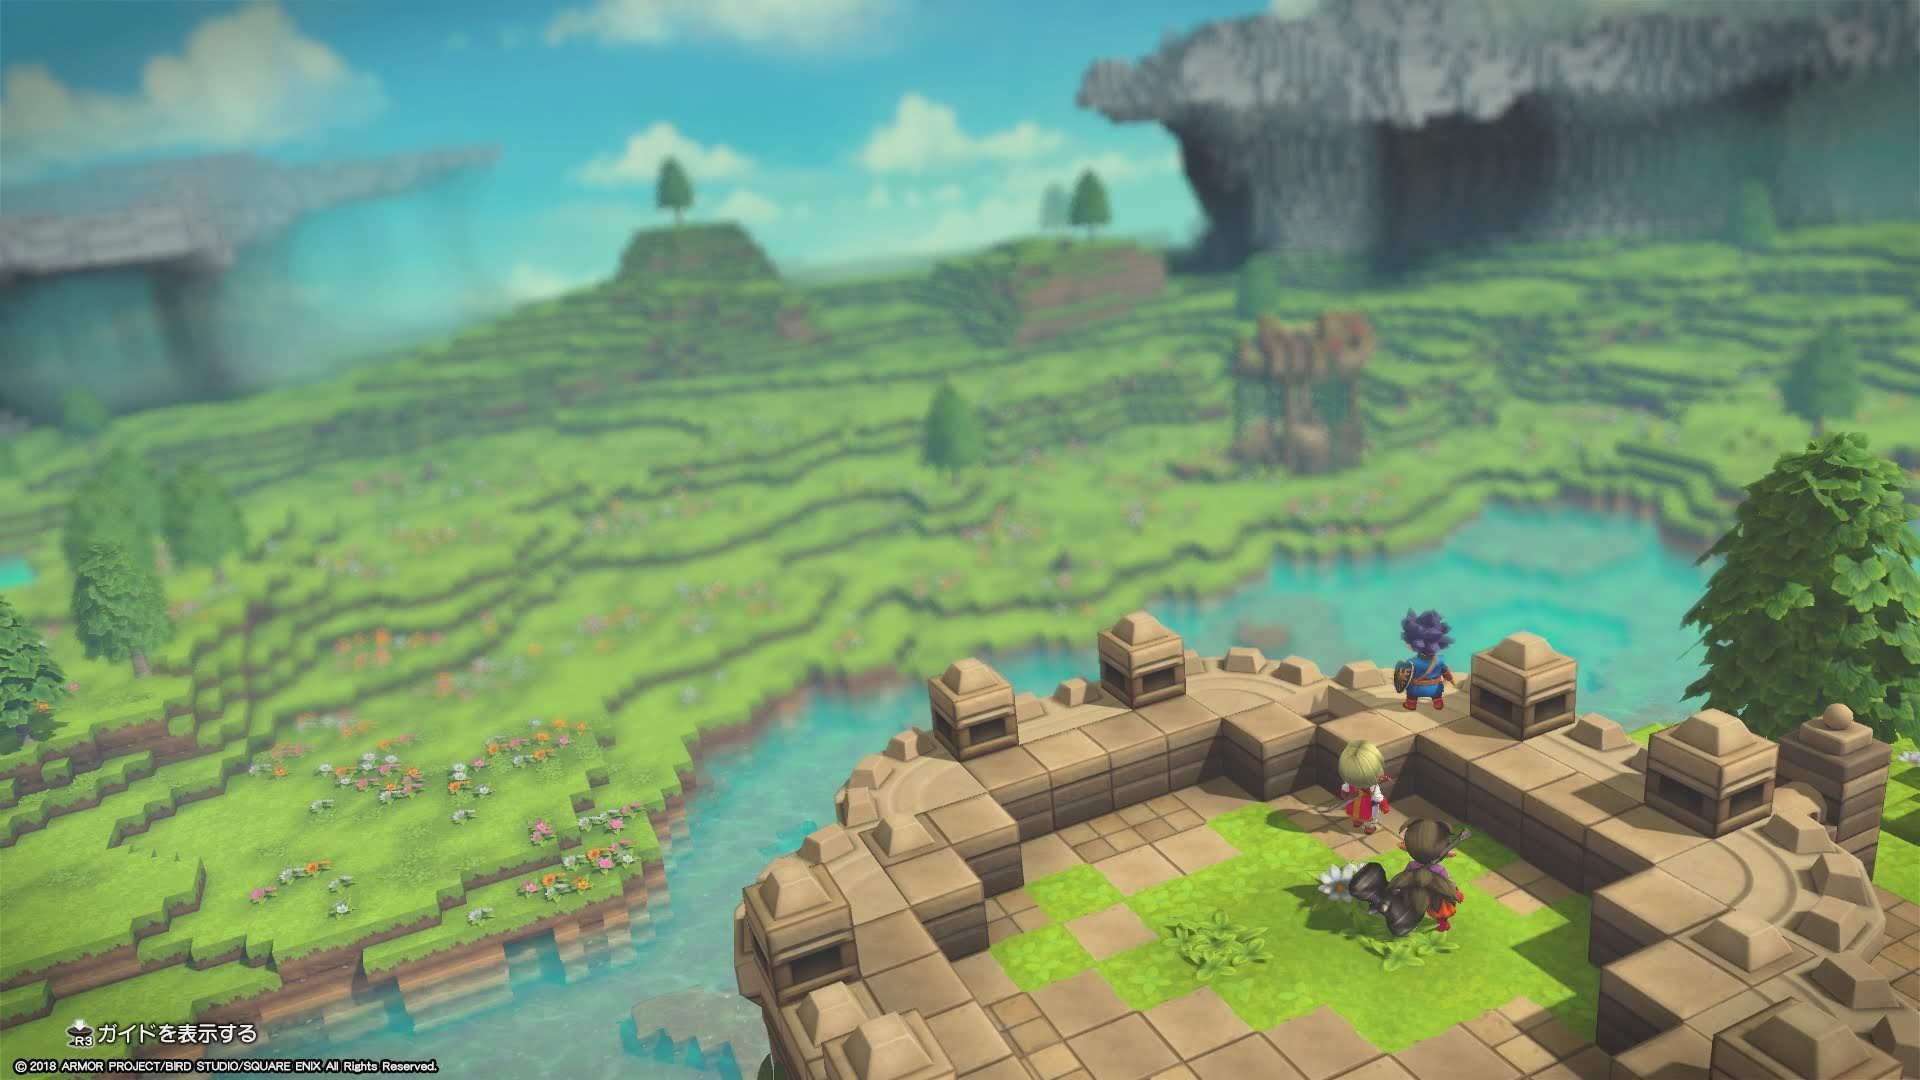 ドラゴンクエストビルダーズ2 破壊神シドーとからっぽの島,dqb2